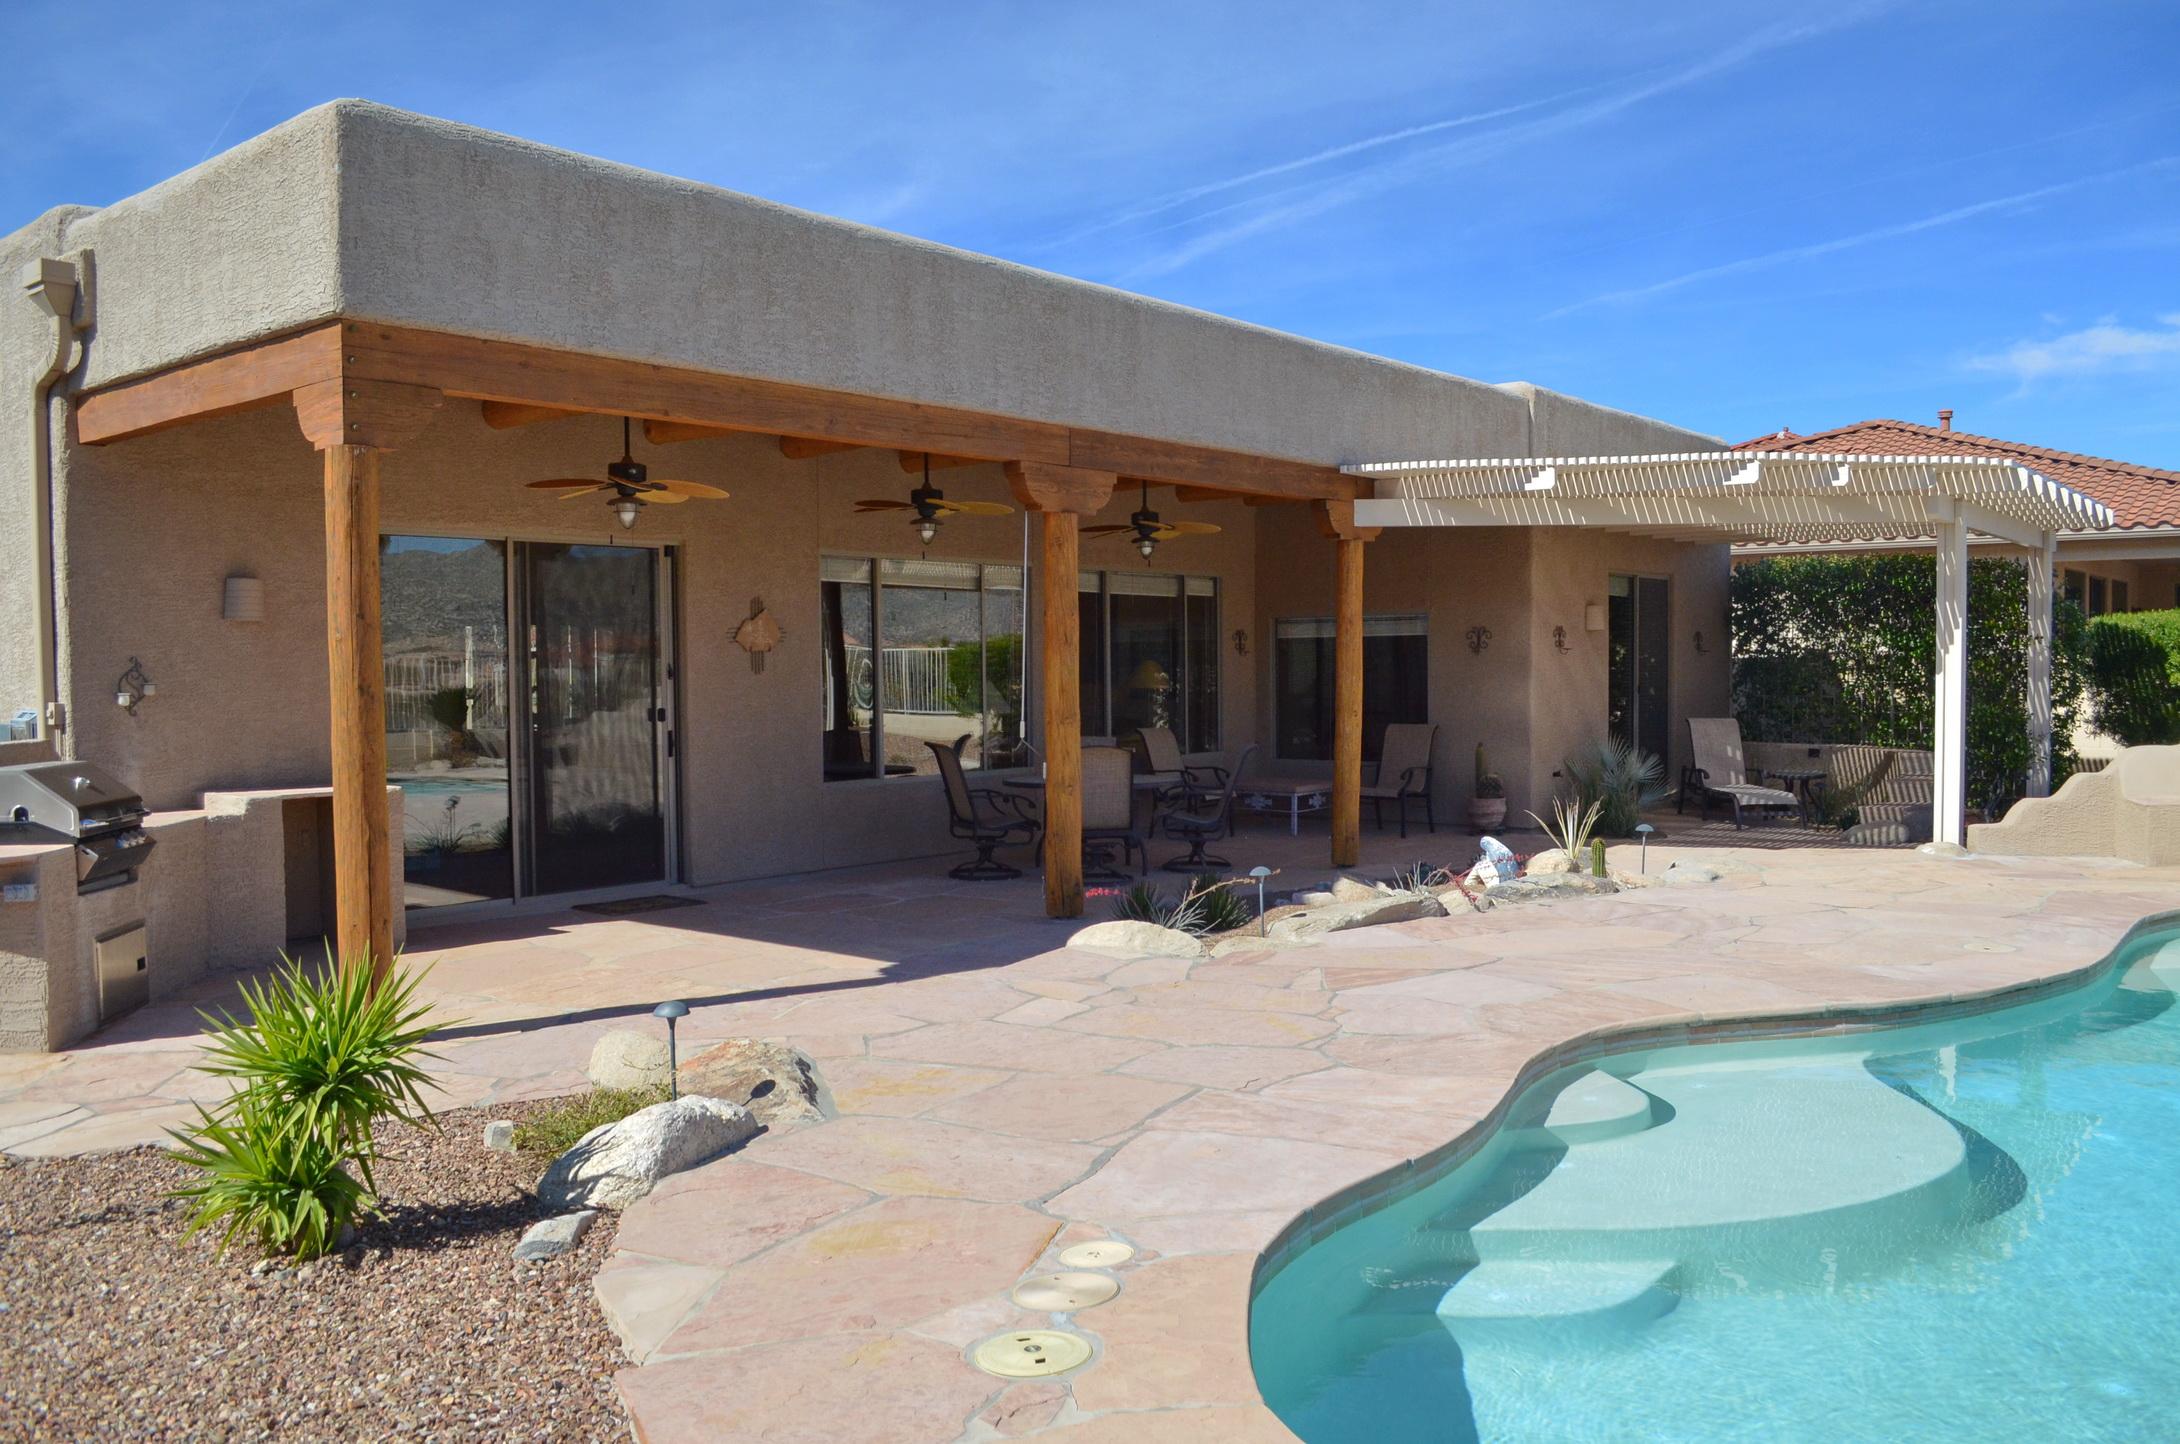 Stunning SaddleBrooke Santa Fe With Pool For Sale in Tucson AZ